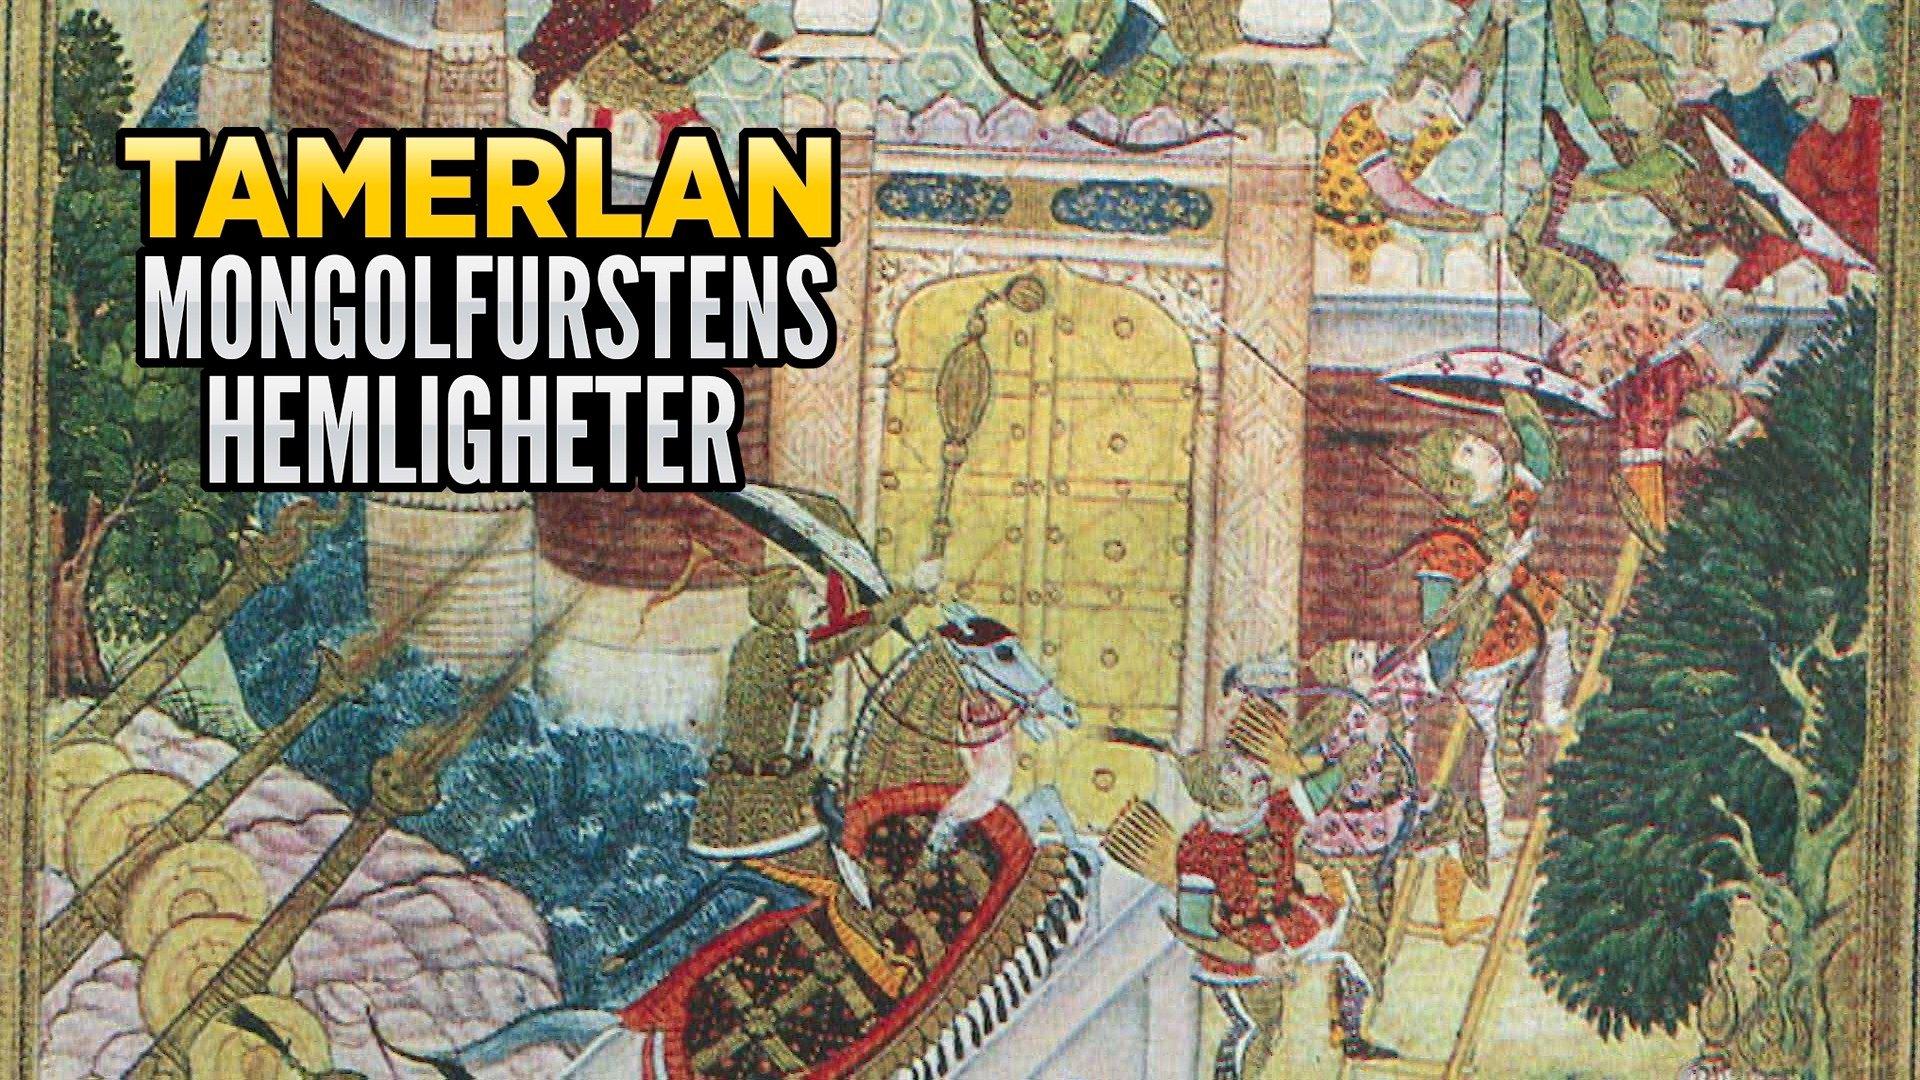 Tamerlan - Mongolfurstens hemligheter